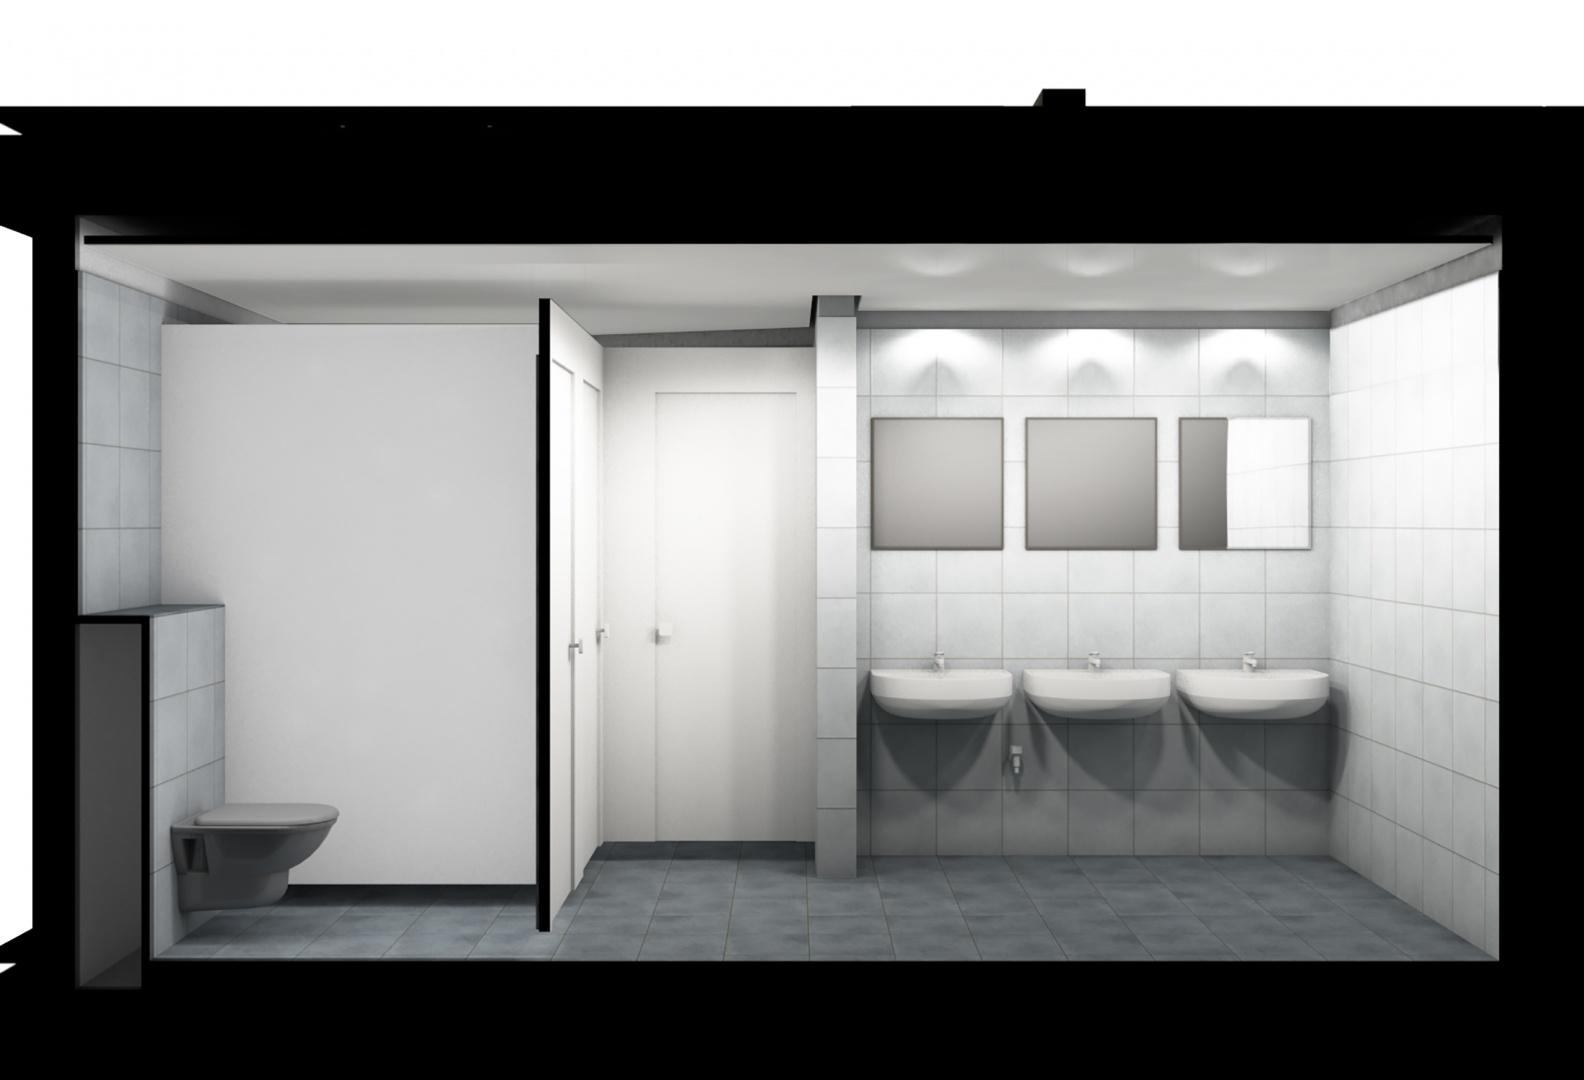 Visualisierung aus BIM Modell von Nasszelle © steigerconcept ag, Staffelstrasse 8, 8045 Zürich